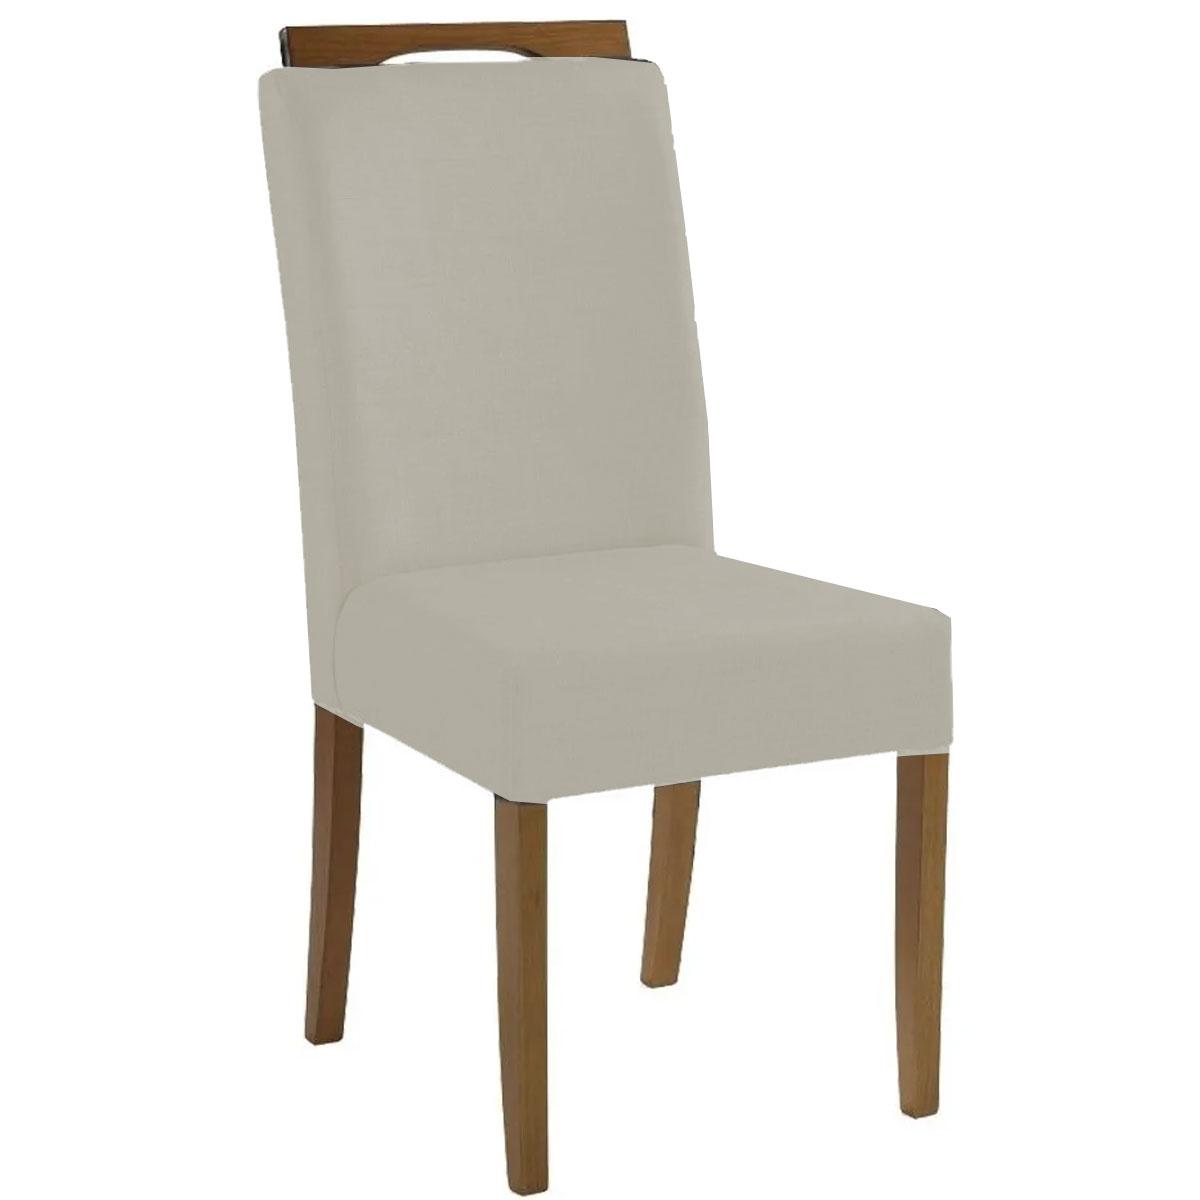 Kit 4 Cadeiras Estofadas Heloísa 100% Madeira Suede Bege